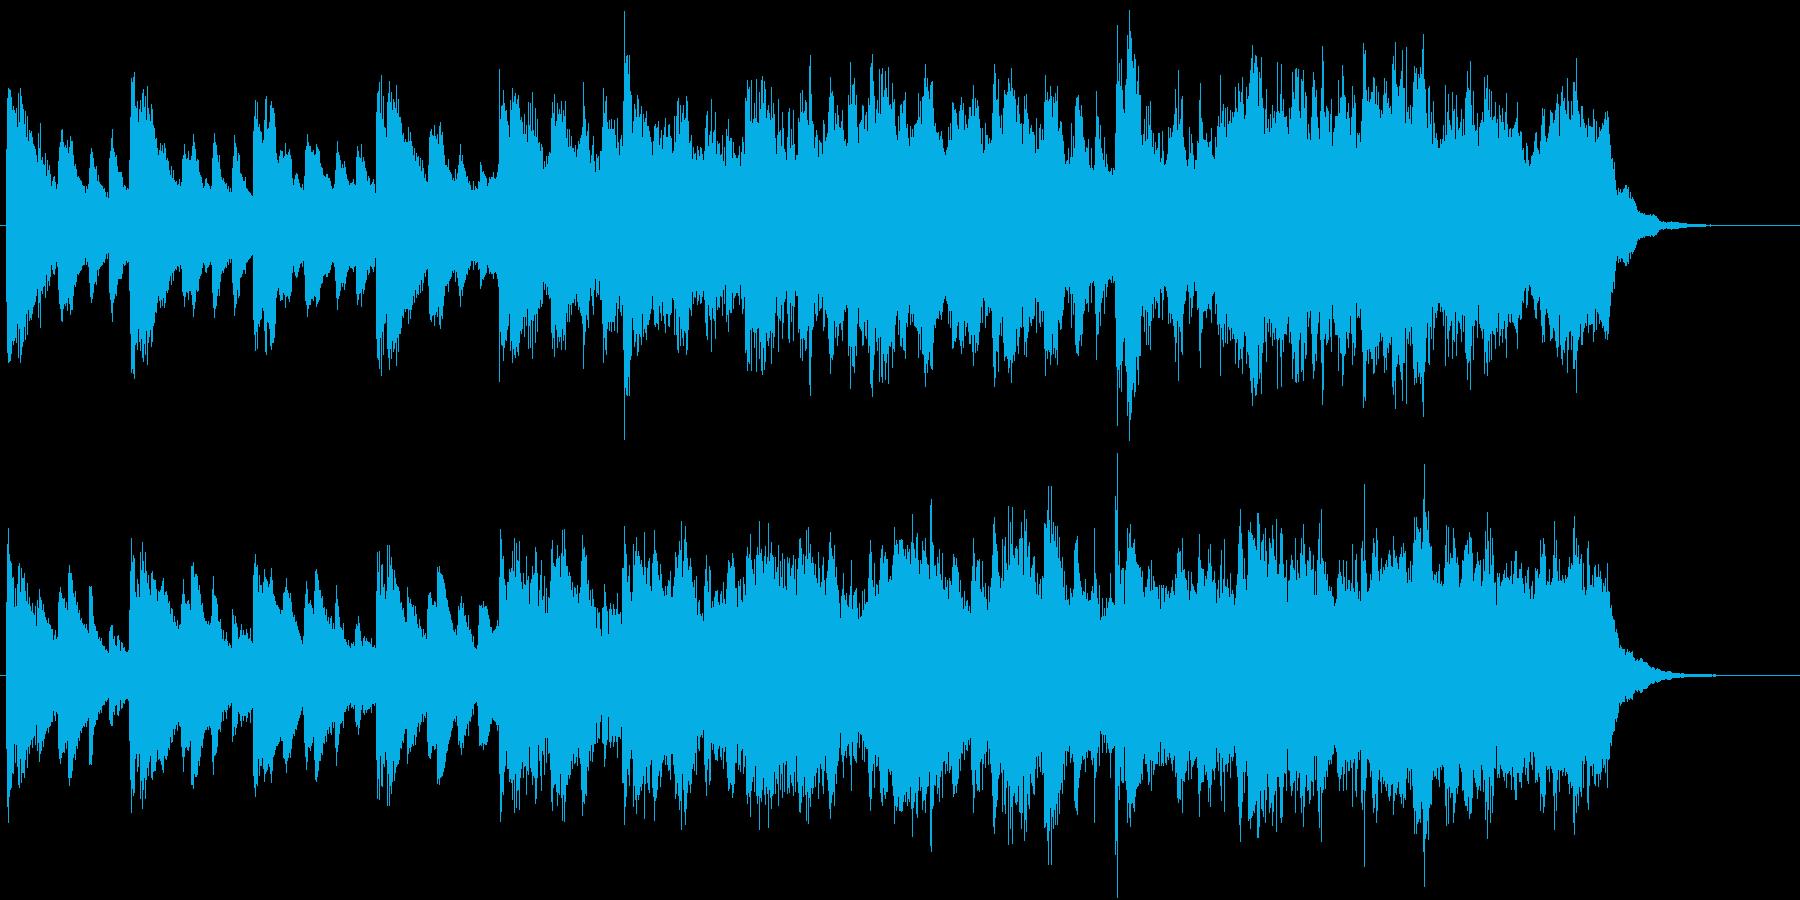 ピアノとストリングスの爽やかな楽曲の再生済みの波形